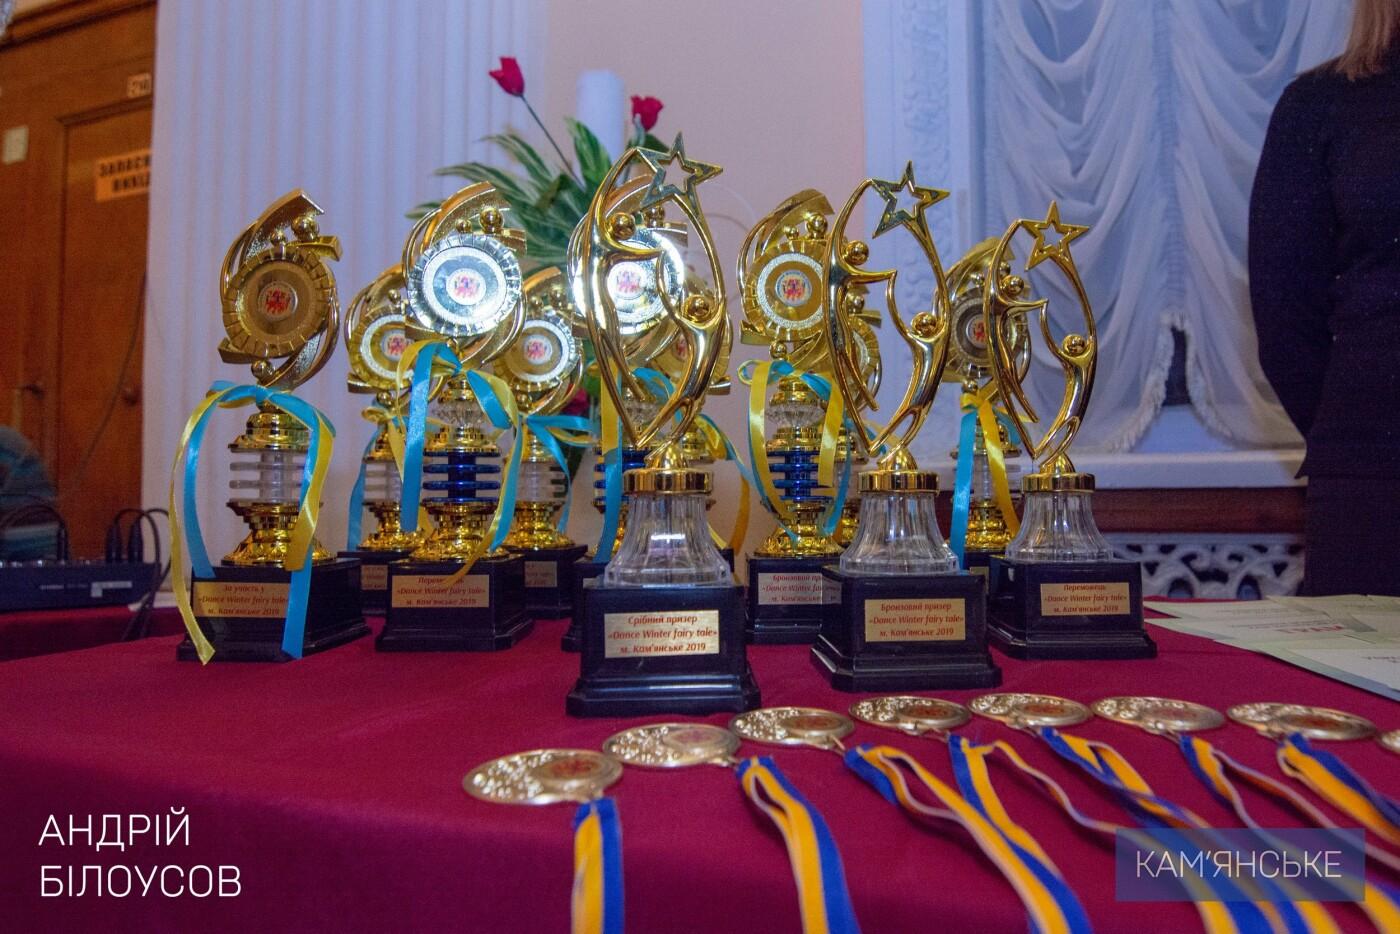 В Каменском прошел танцевальный конкурс среди молодежи Dance Winter fairy tale, фото-6